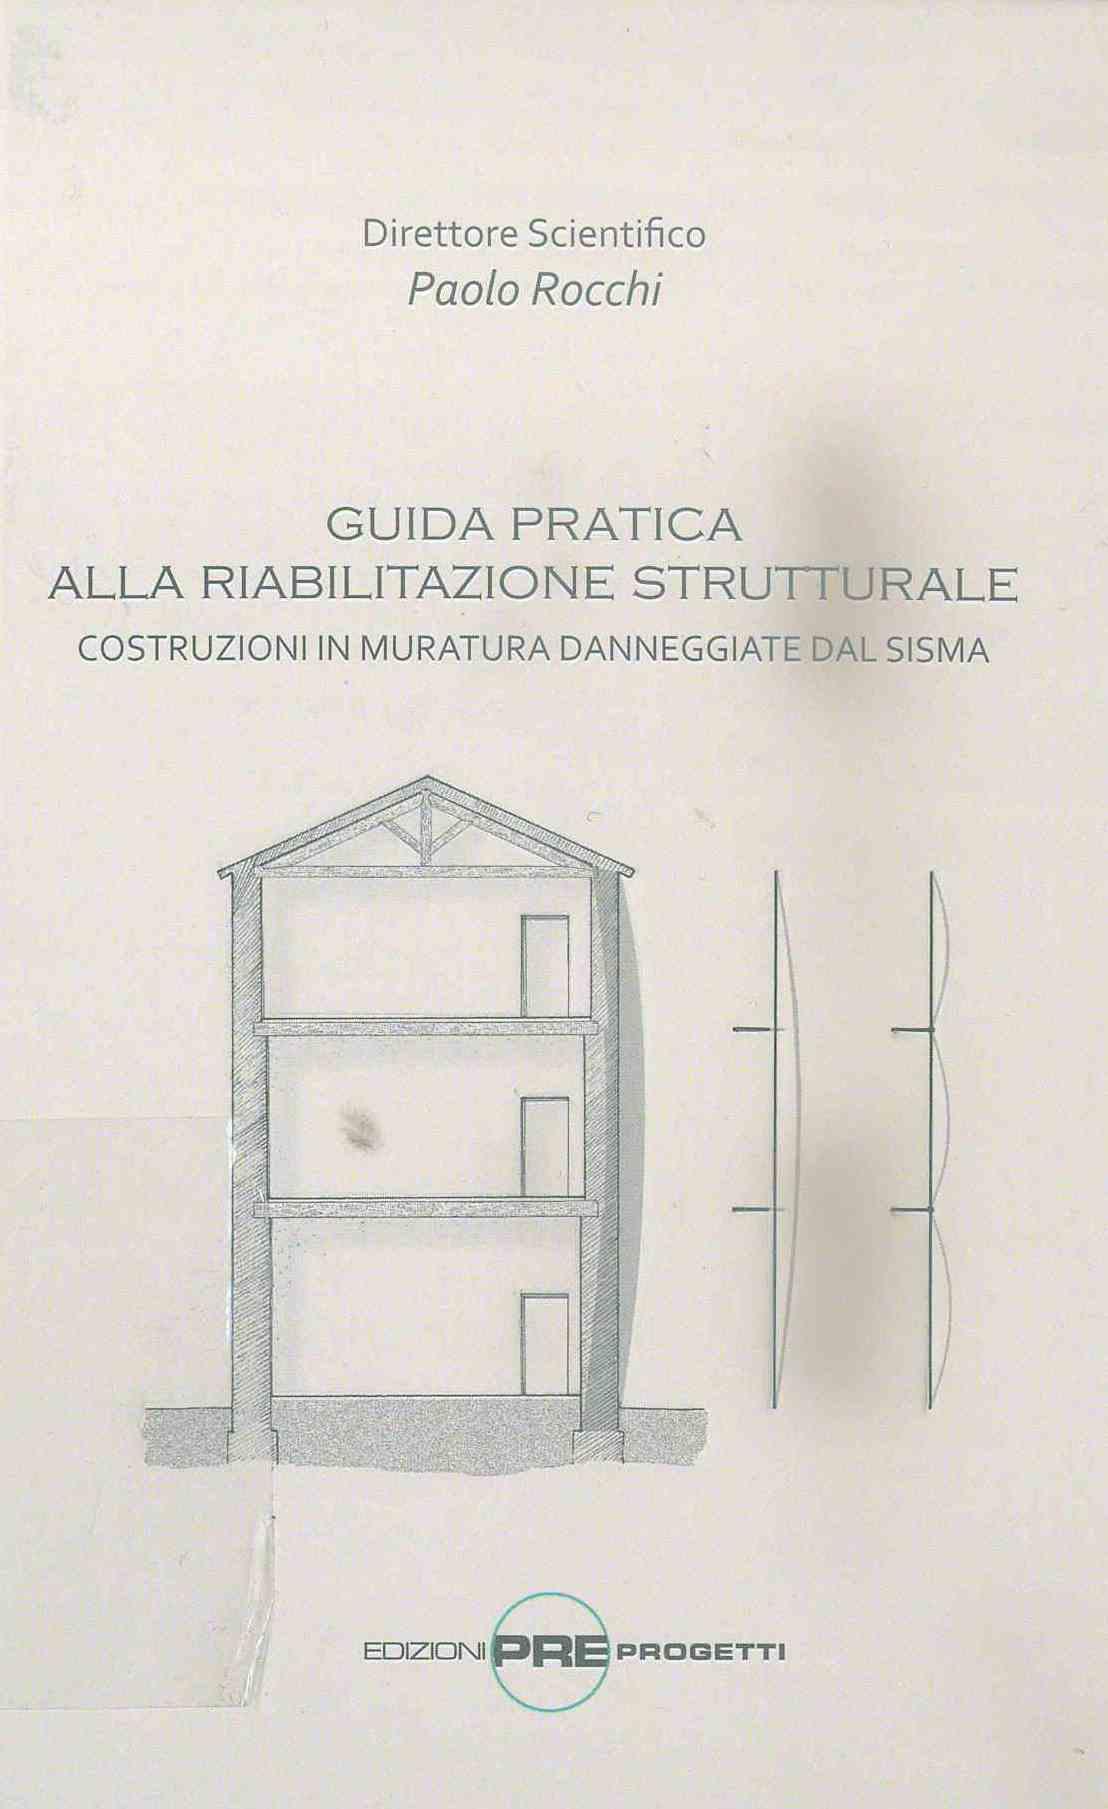 Guida pratica alla riabilitazione strutturale